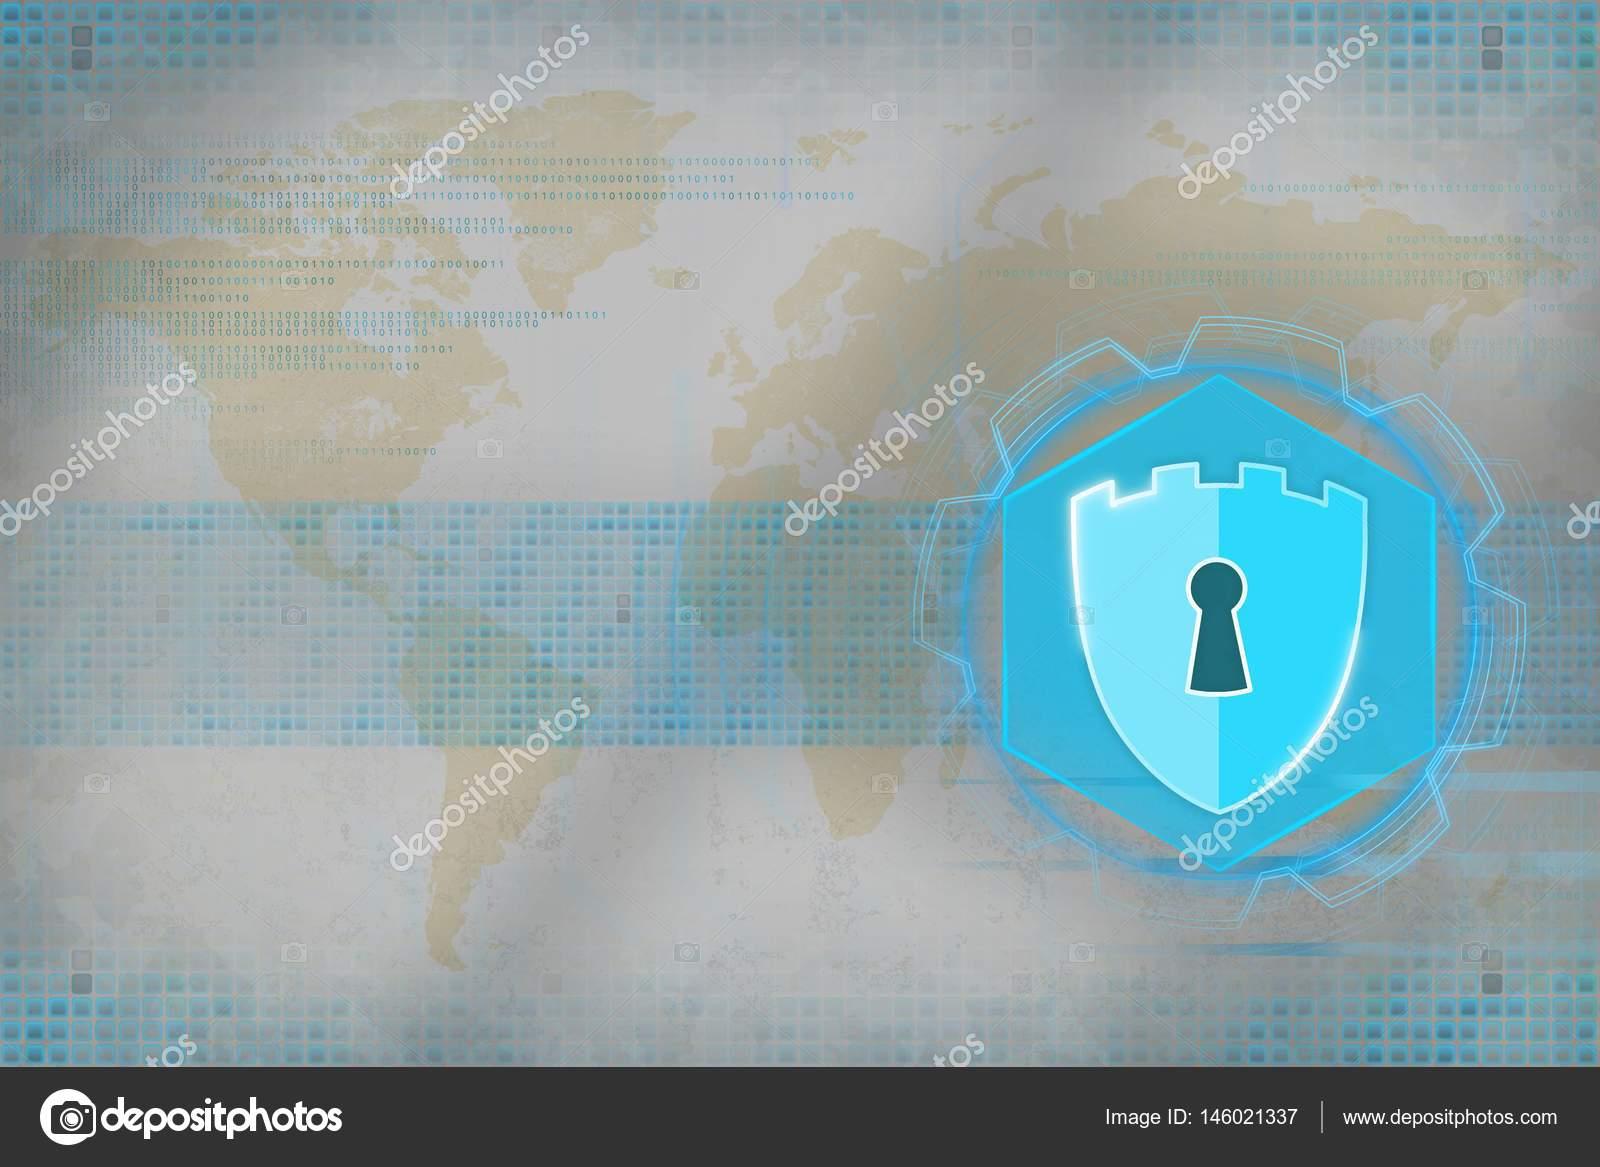 Sécurité du réseau carte blanche mondiale. Concept de sécurité Internet sur  fond de drapeau — Image de Anton Medvedev 1131d8751b94